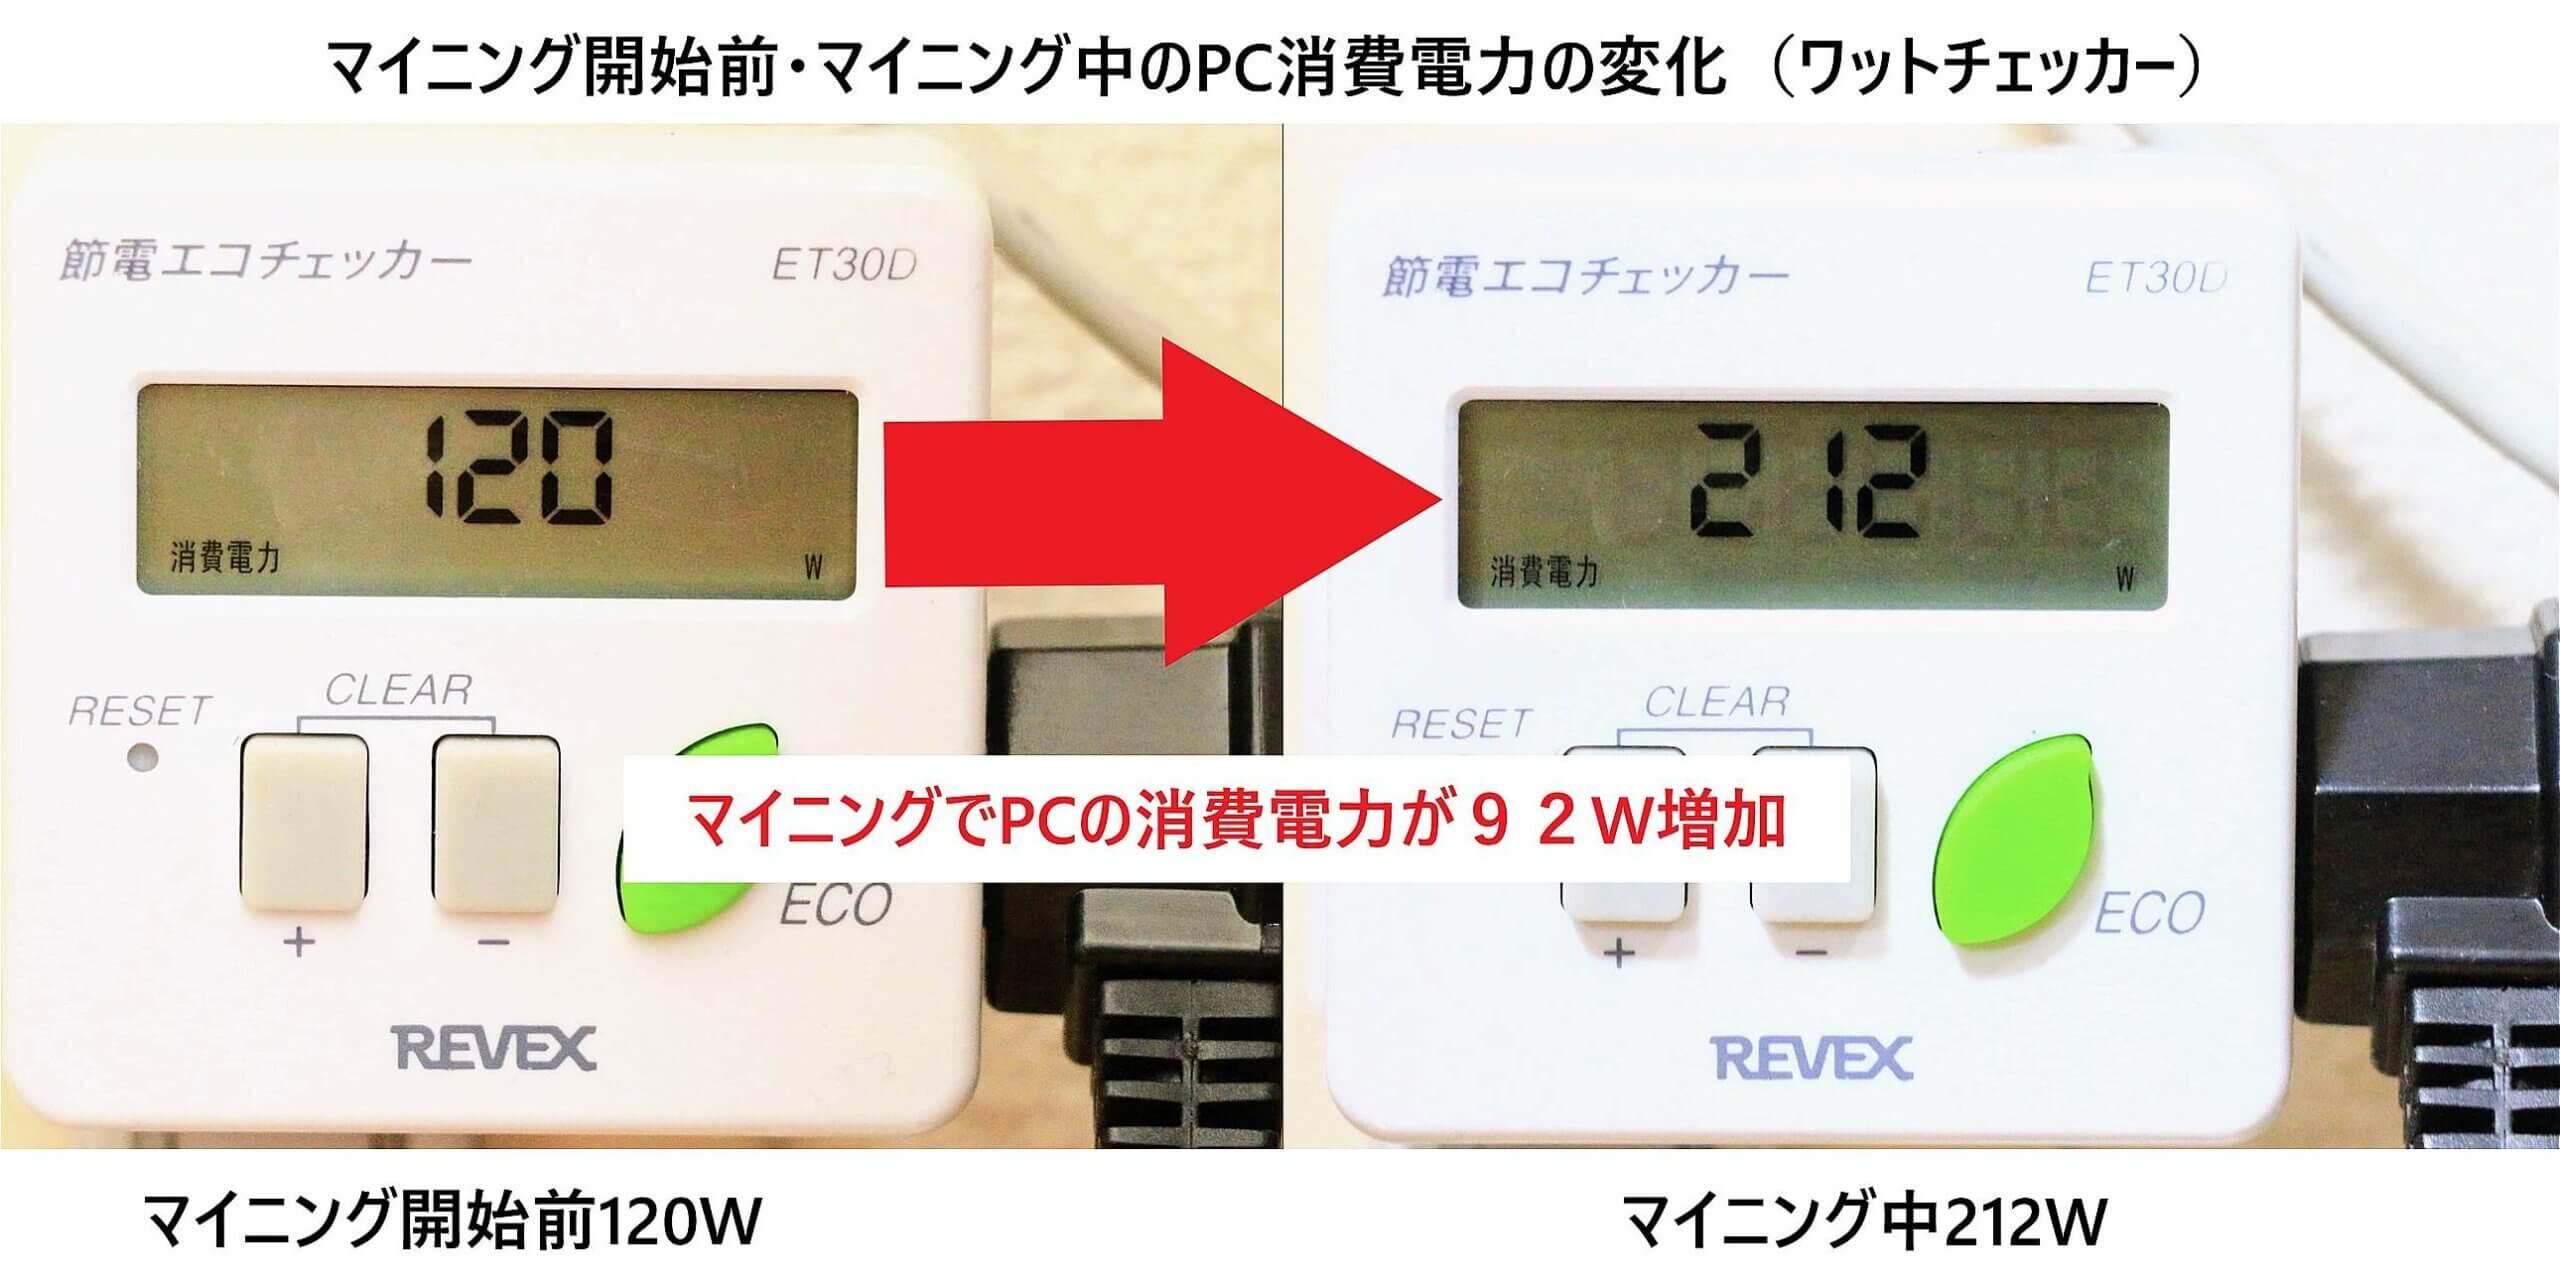 マイニングによるPC消費電力の変化